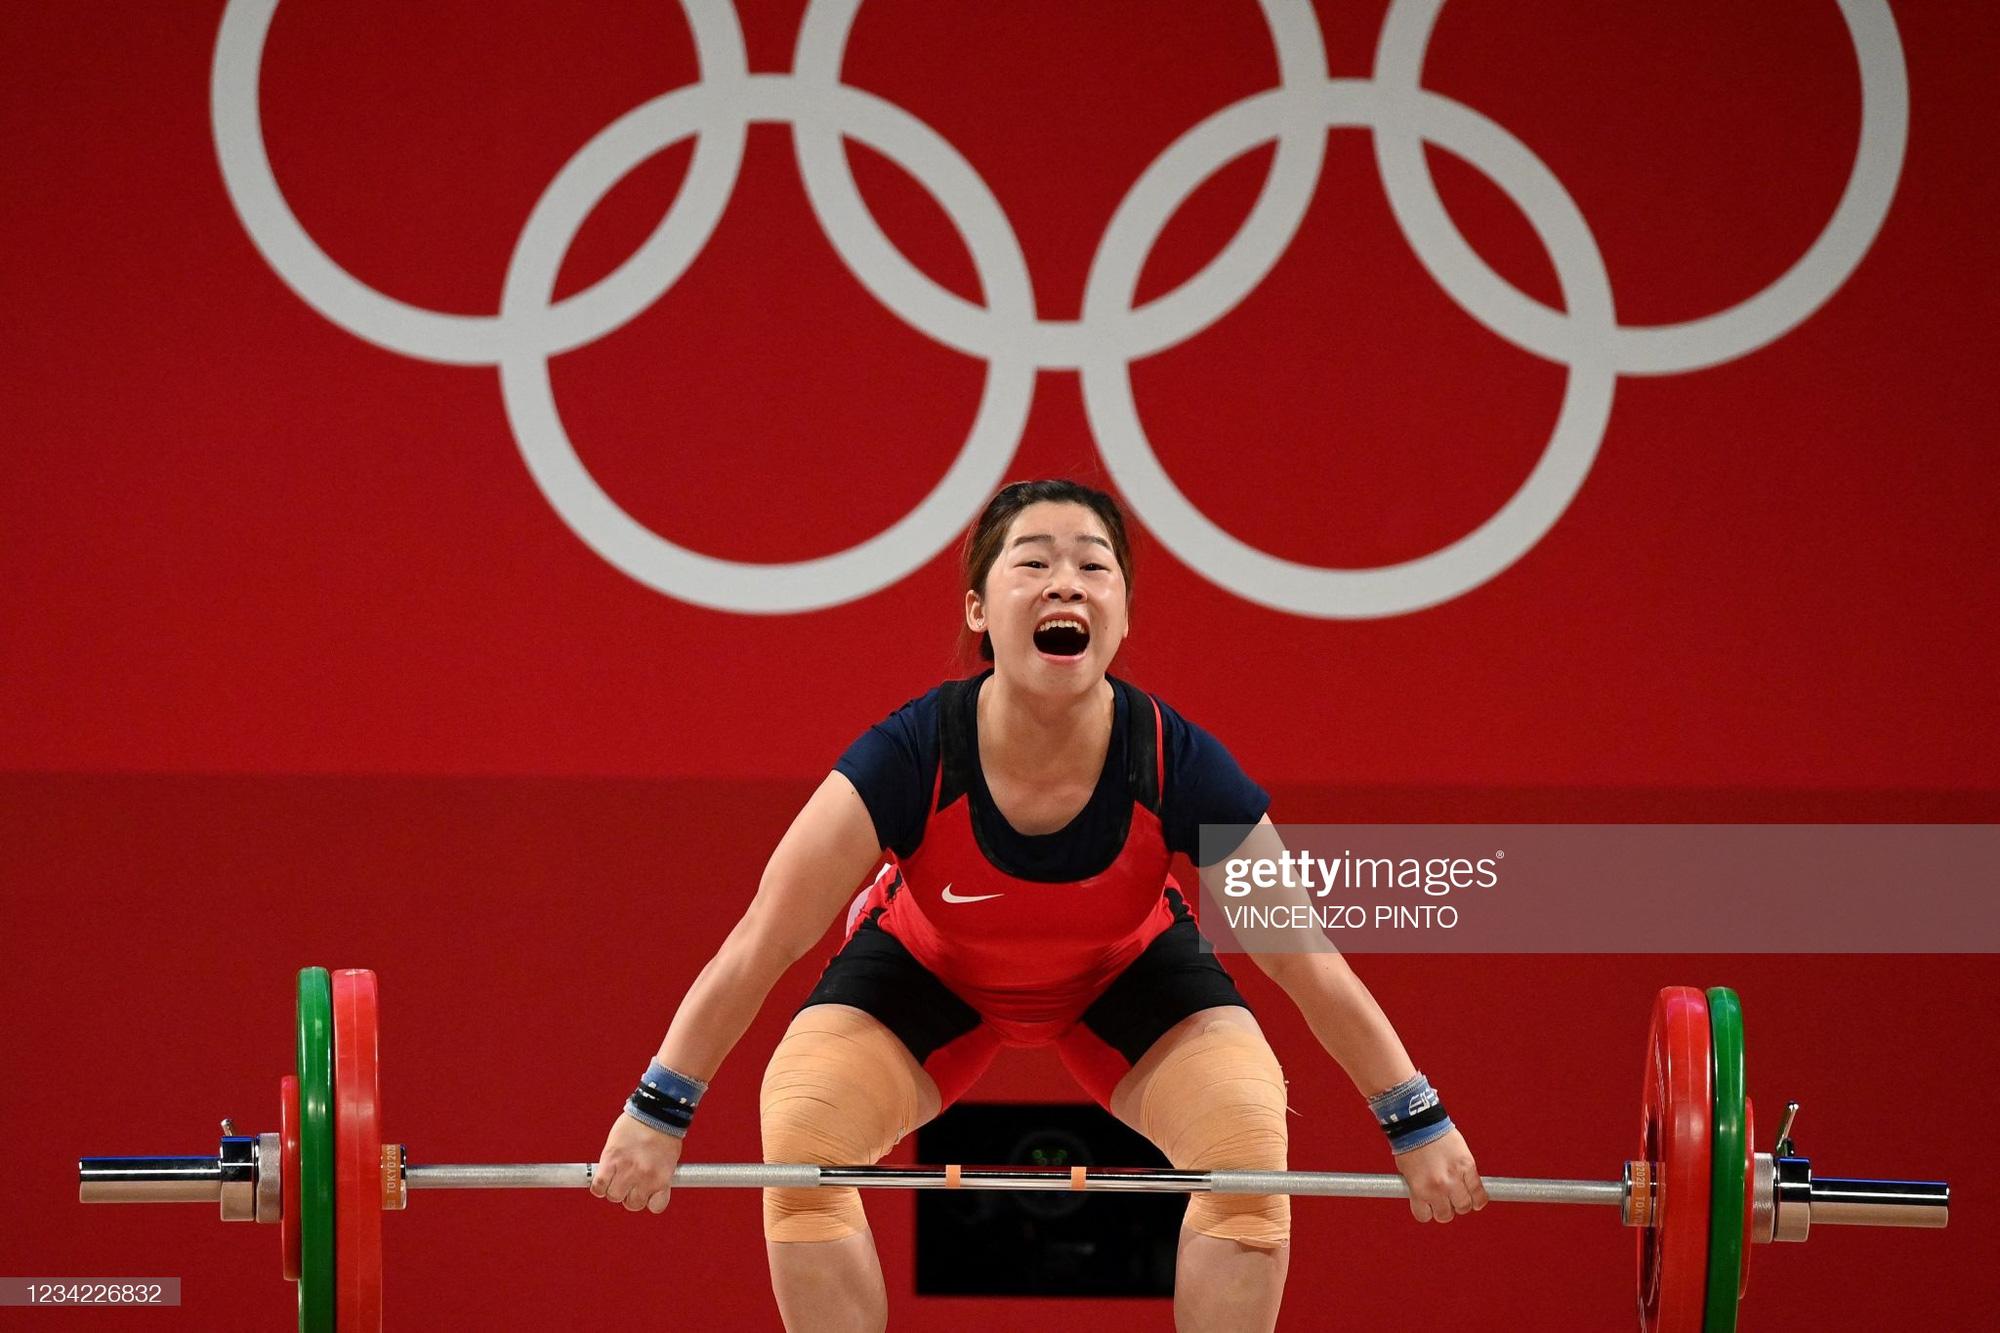 TTVN - để không lạc lối ở Olympic (Kỳ 3): Không tinh nhuệ đừng mơ có huy chương - Ảnh 4.